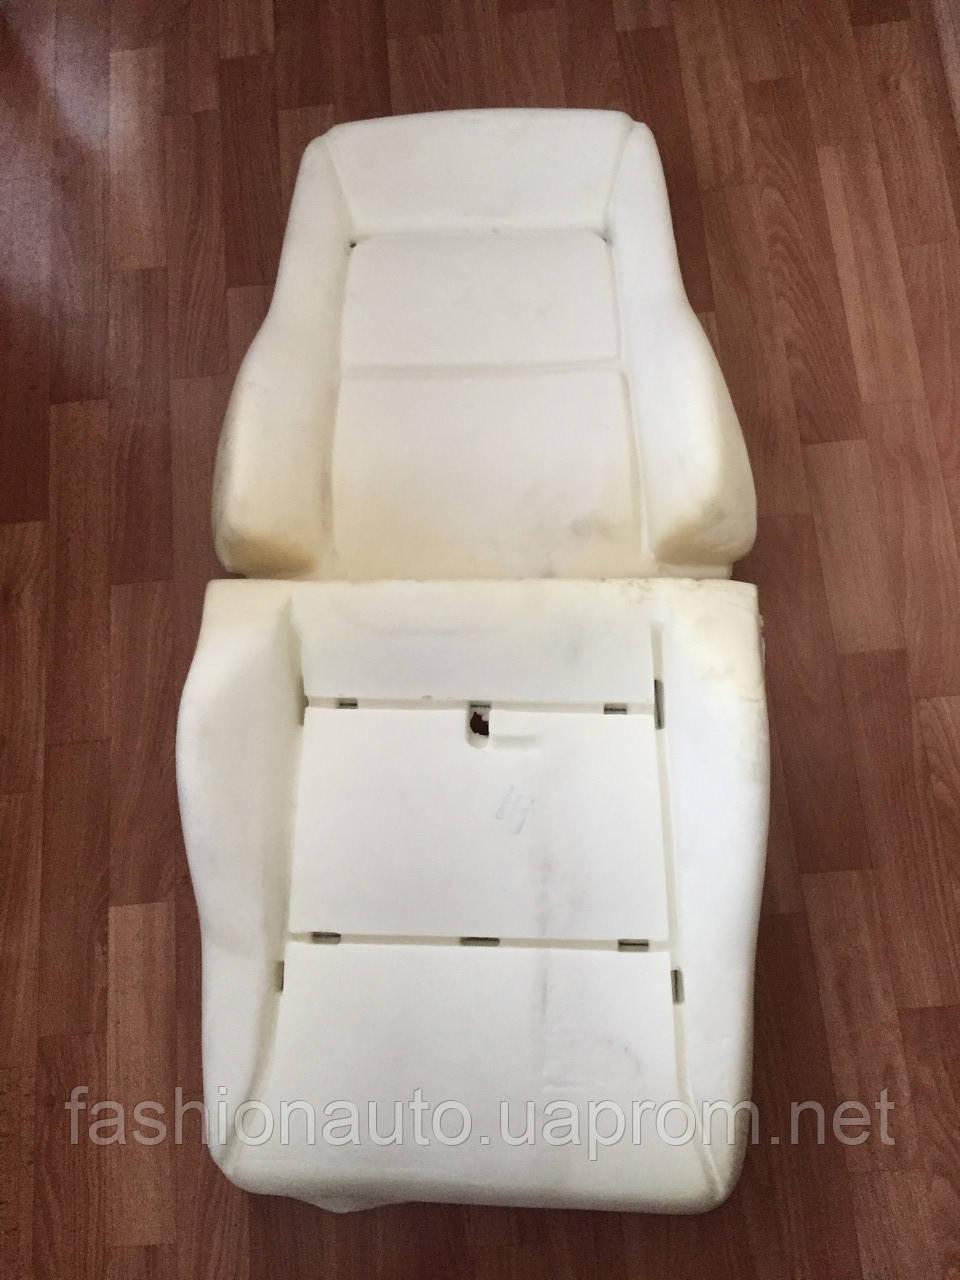 Пенолитье поролон  сидений 2108-2109-099, 2113-2114-2115  (спинка+ подушка) комплект на 1 сиденье